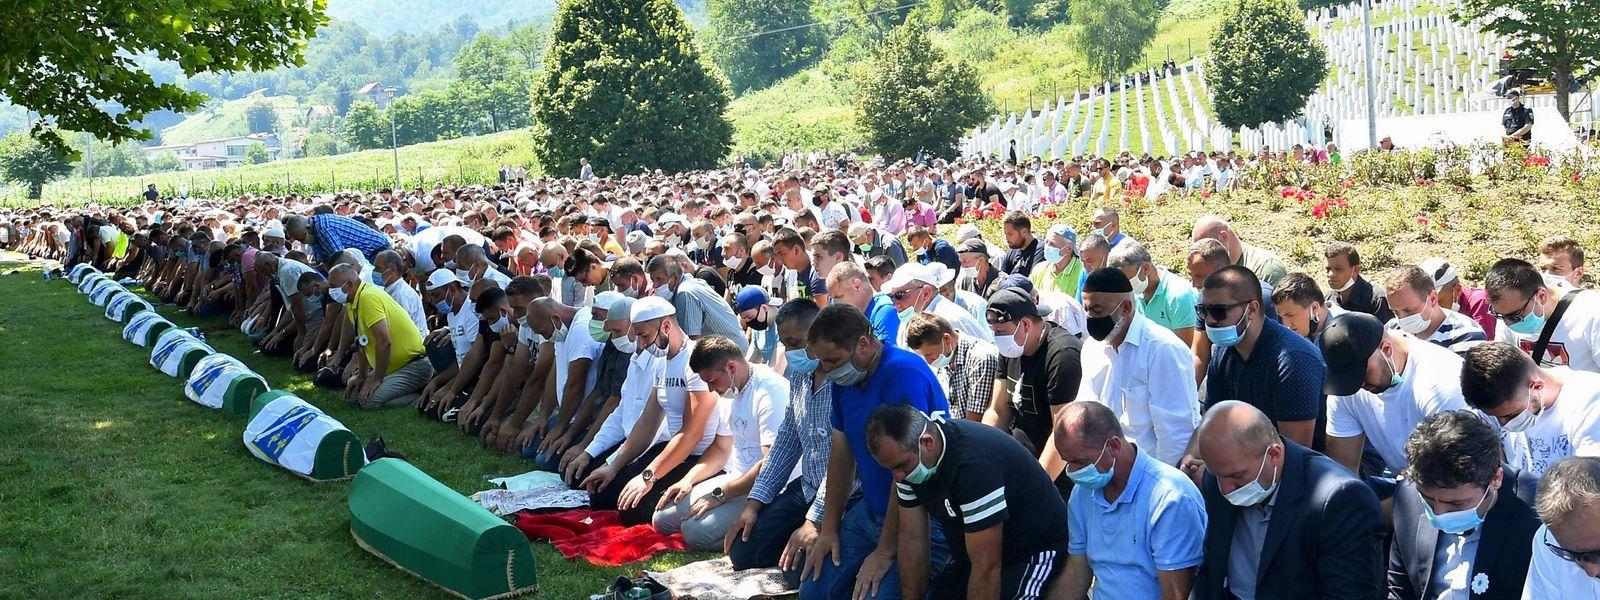 Bosnisch-muslimische Männer, die Gesichtsmasken tragen, beten während einer Bestattungszeremonie zum 25. Jahrestag des Massakers von Srebrenica auf dem Potocari-Gedenkfriedhof, einem Dorf außerhalb von Srebrenica.